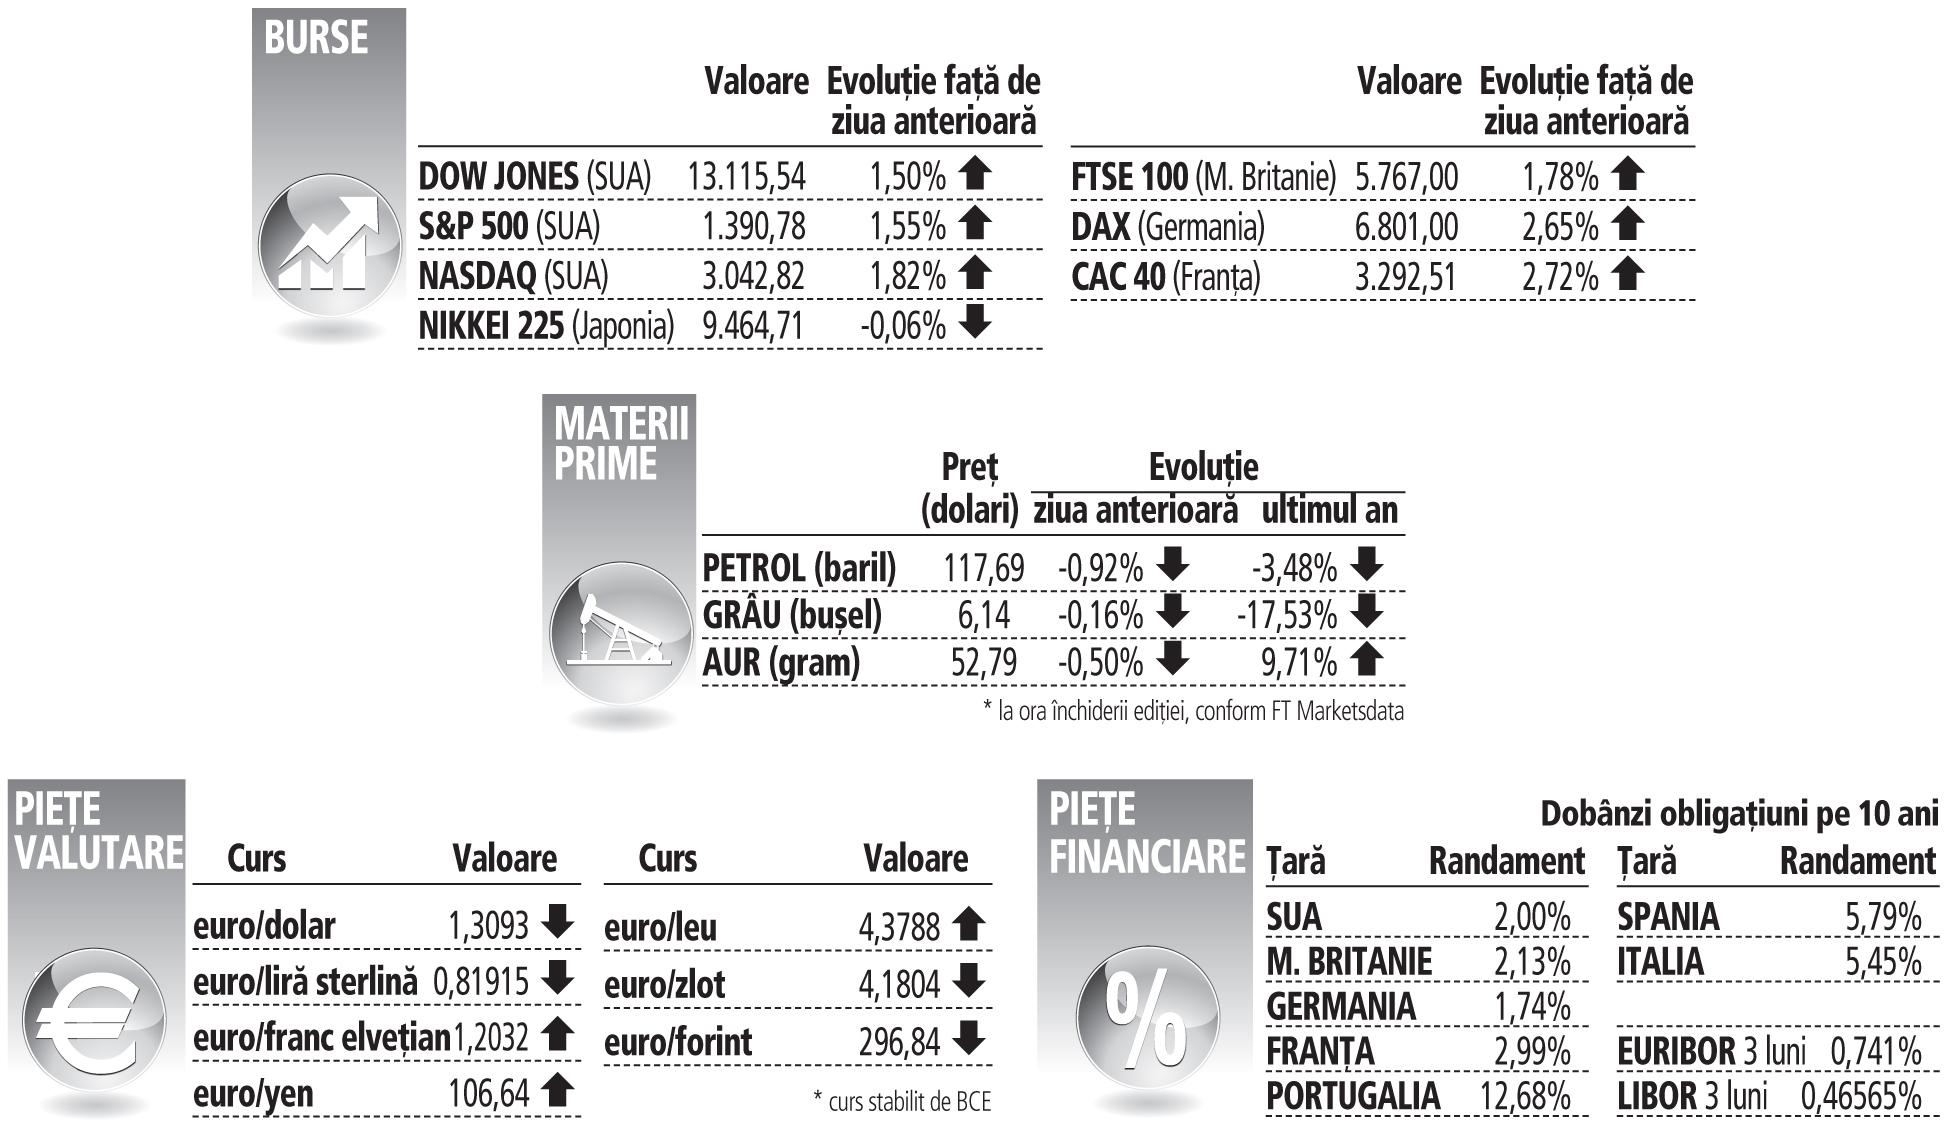 Previzionarea cursului valutar pe baza indicatorilor economici